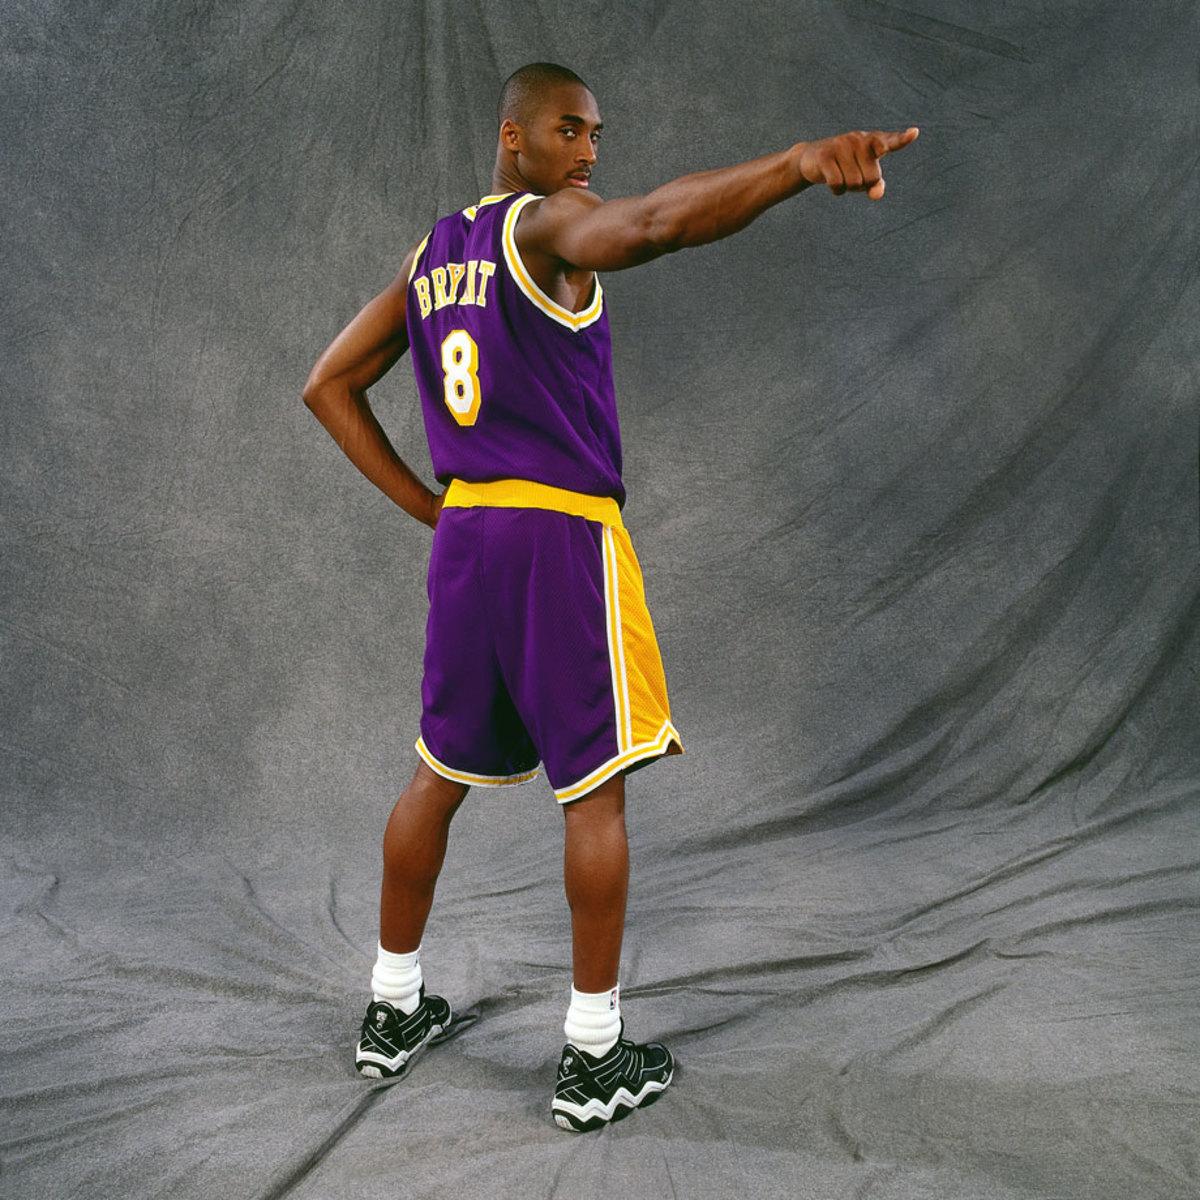 1997-Kobe-Bryant-portrait-pointing.jpg